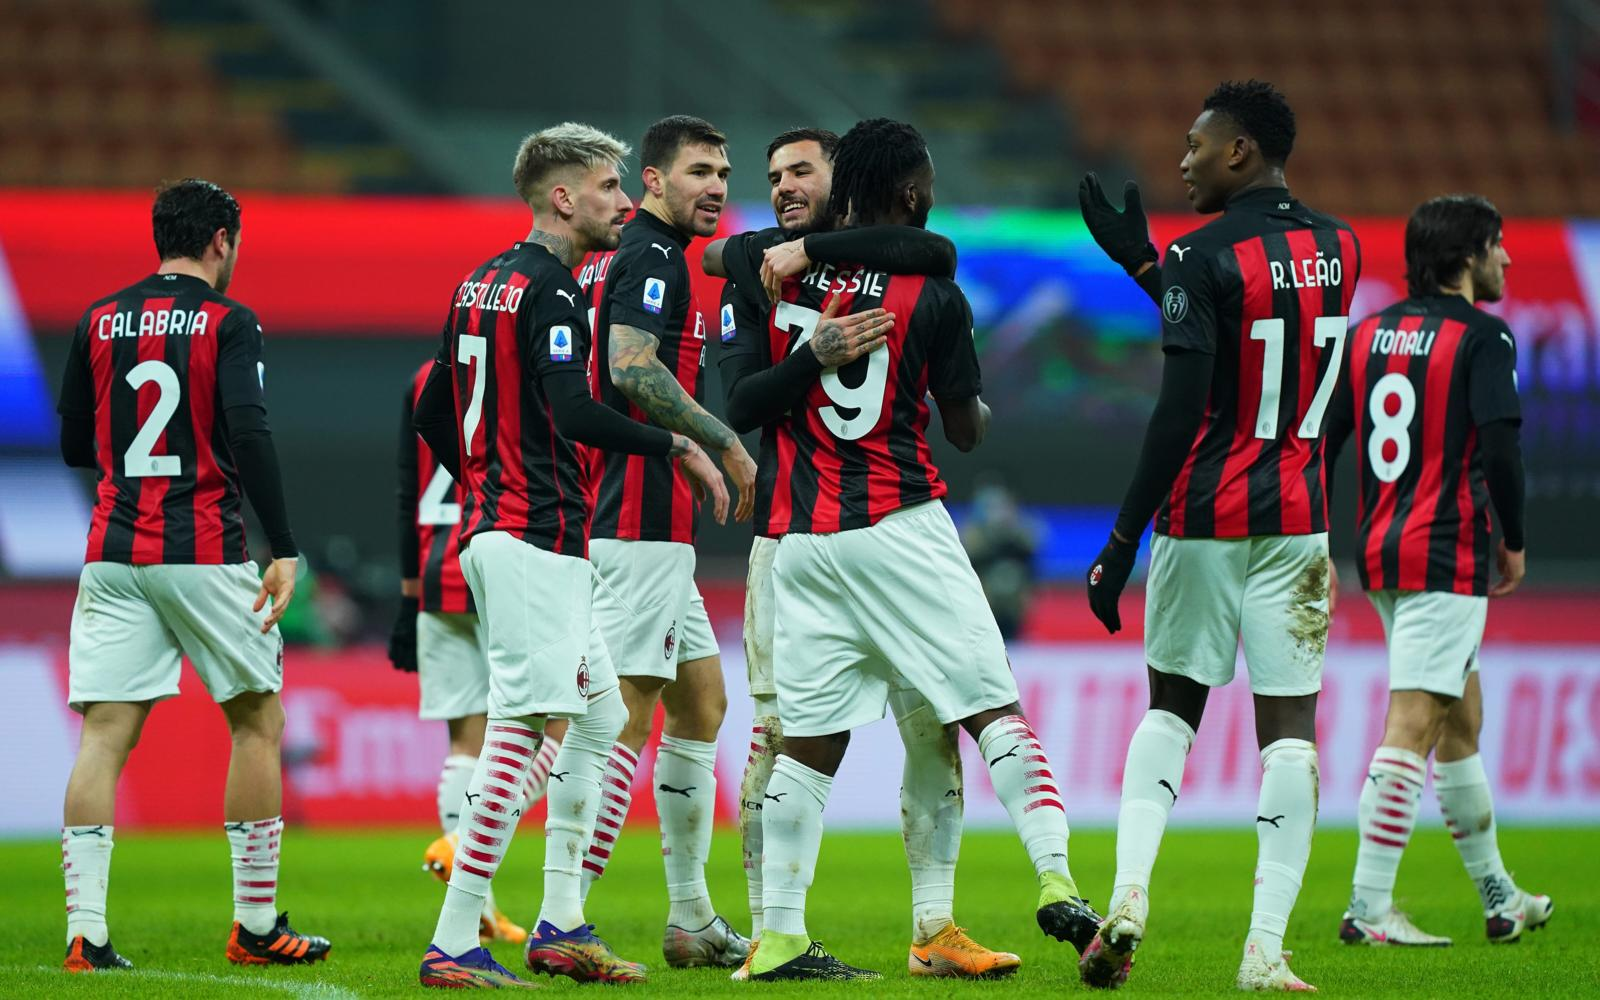 Ο Λέων δεν σταματά, αδιάκοπα από την Κέισι: Μιλάνο-Τορίνο 2-0